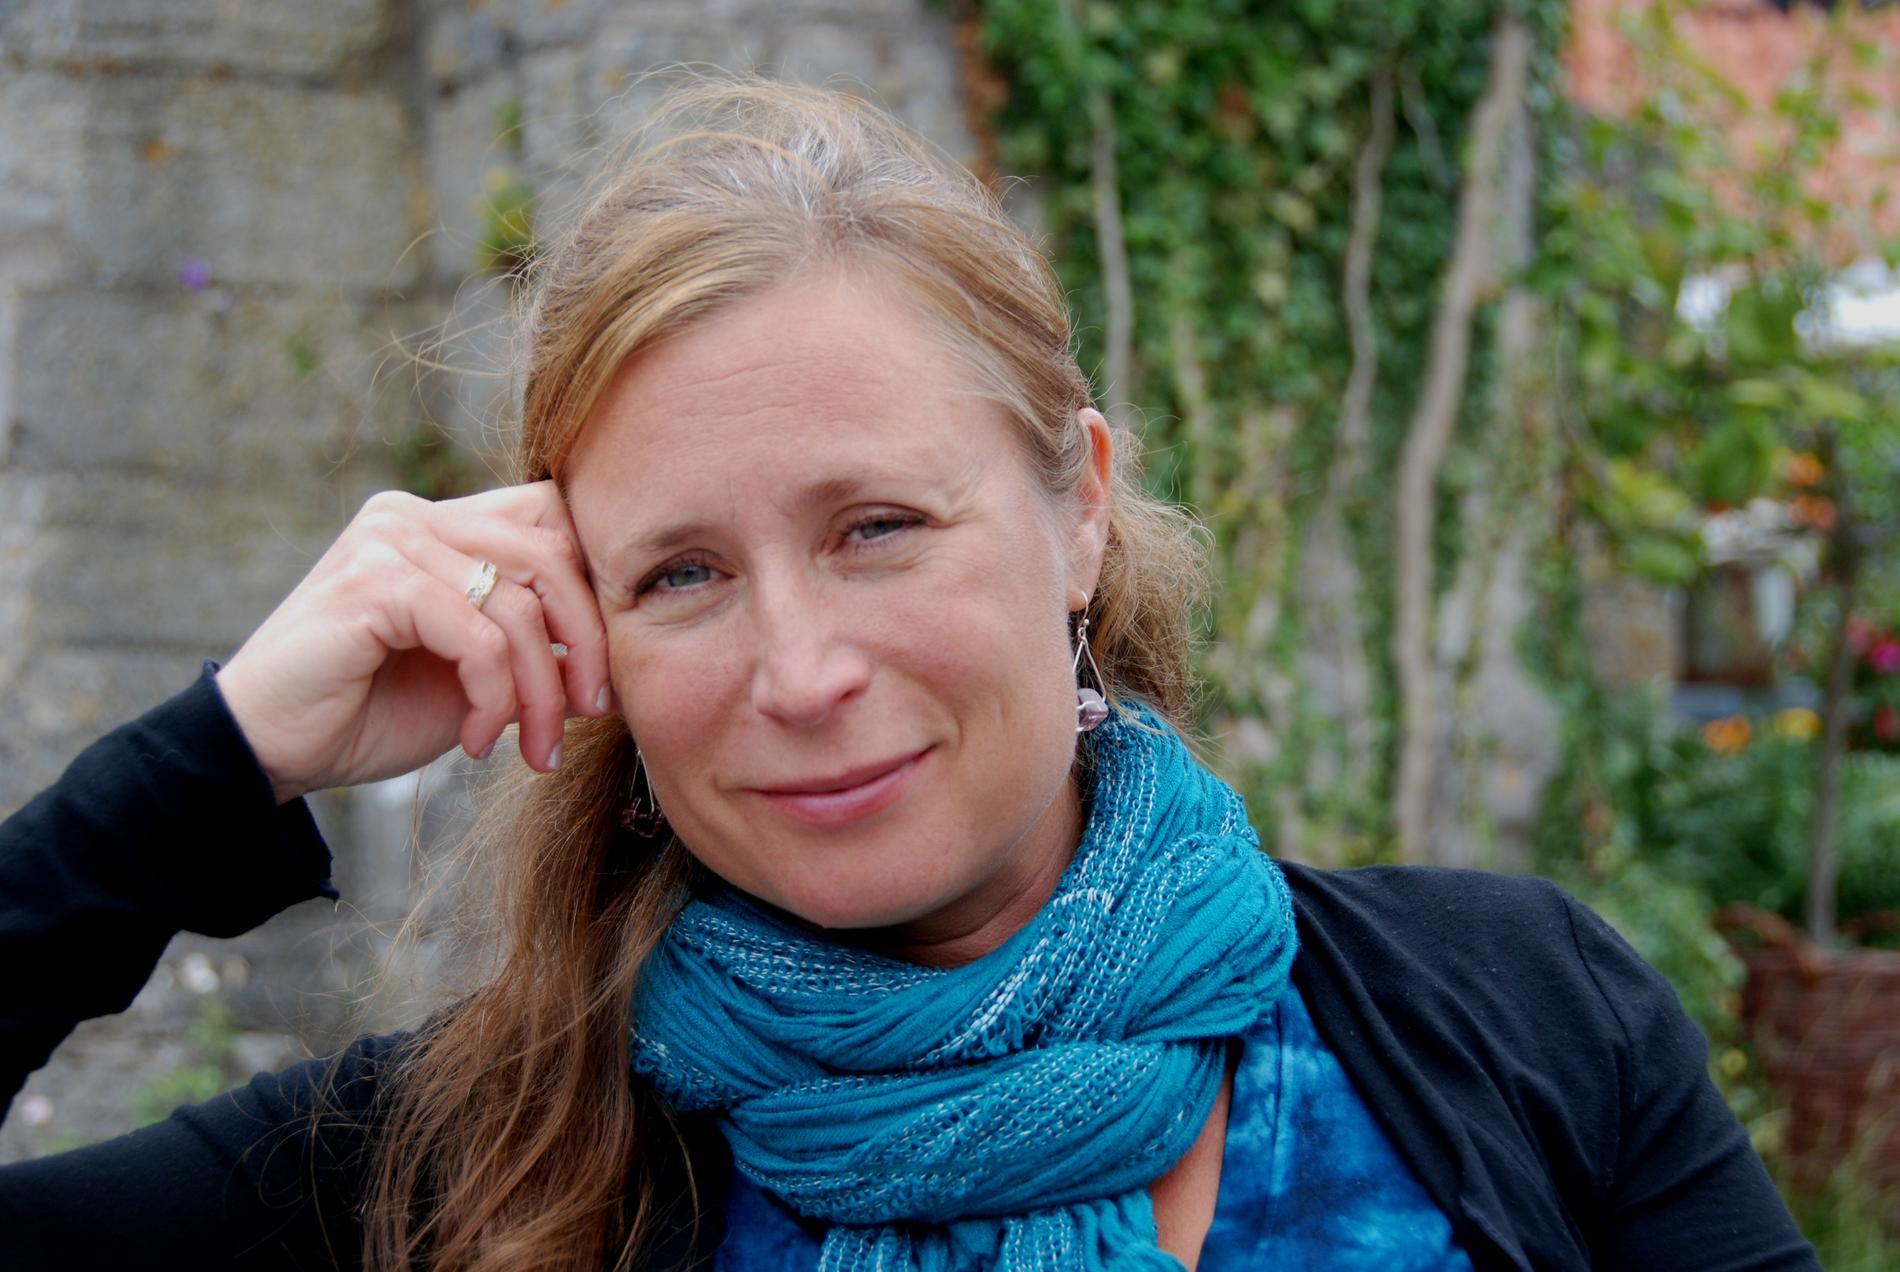 Drömtolkare och drömterapeut Sofia Petersen